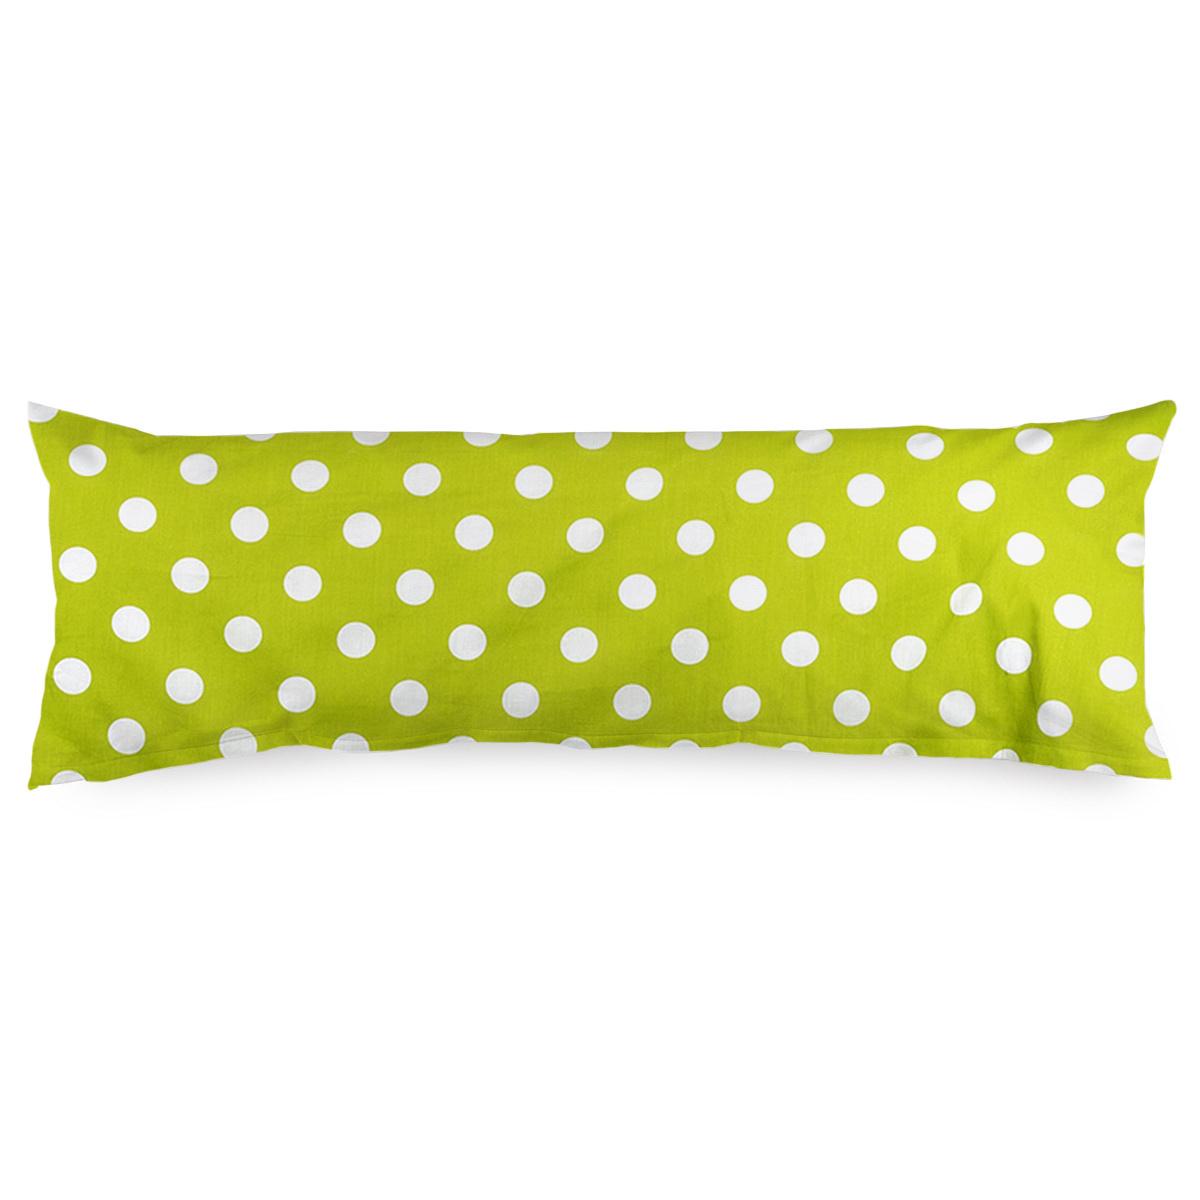 4Home Povlak na Relaxační polštář Náhradní manžel Zelený puntík, 55 x 180 cm